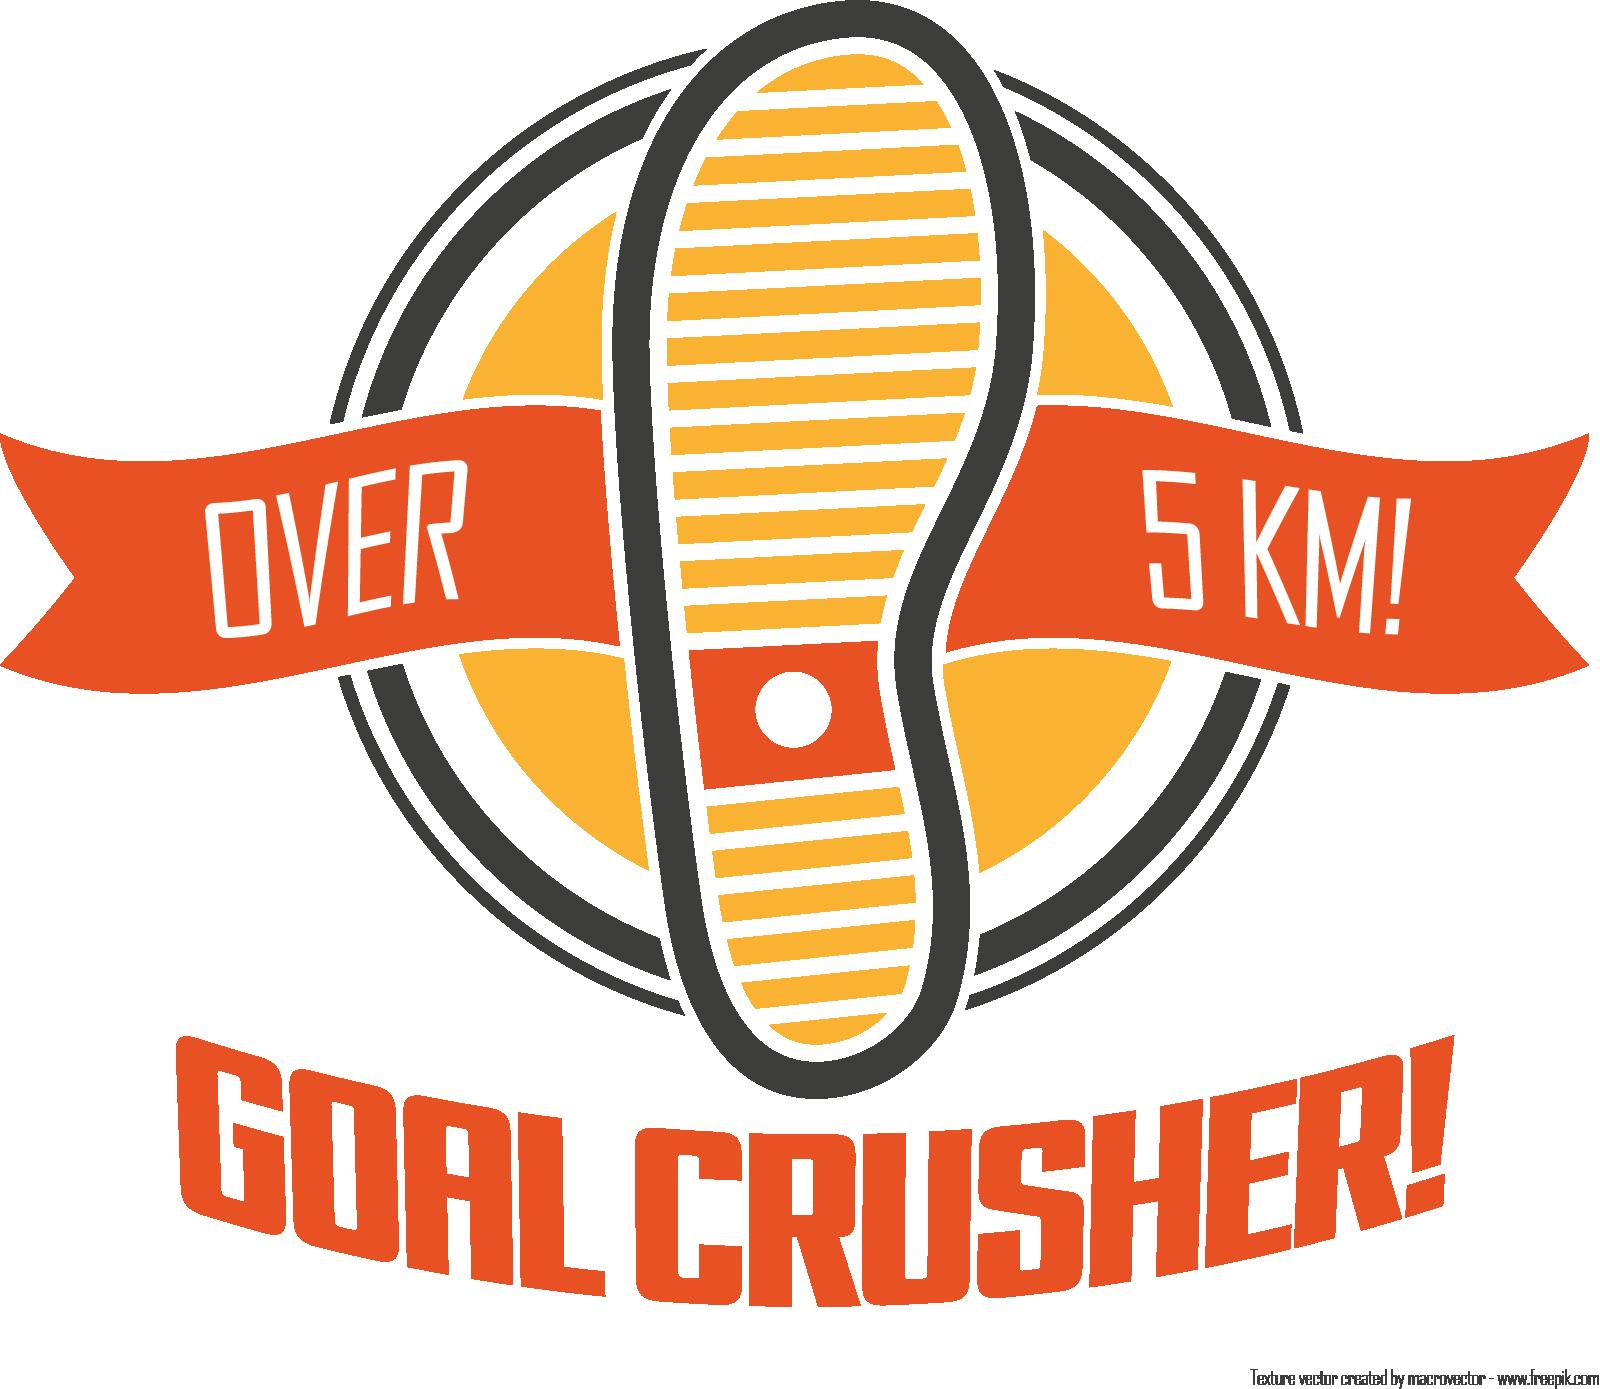 Goal Crusher badge (over 5k)